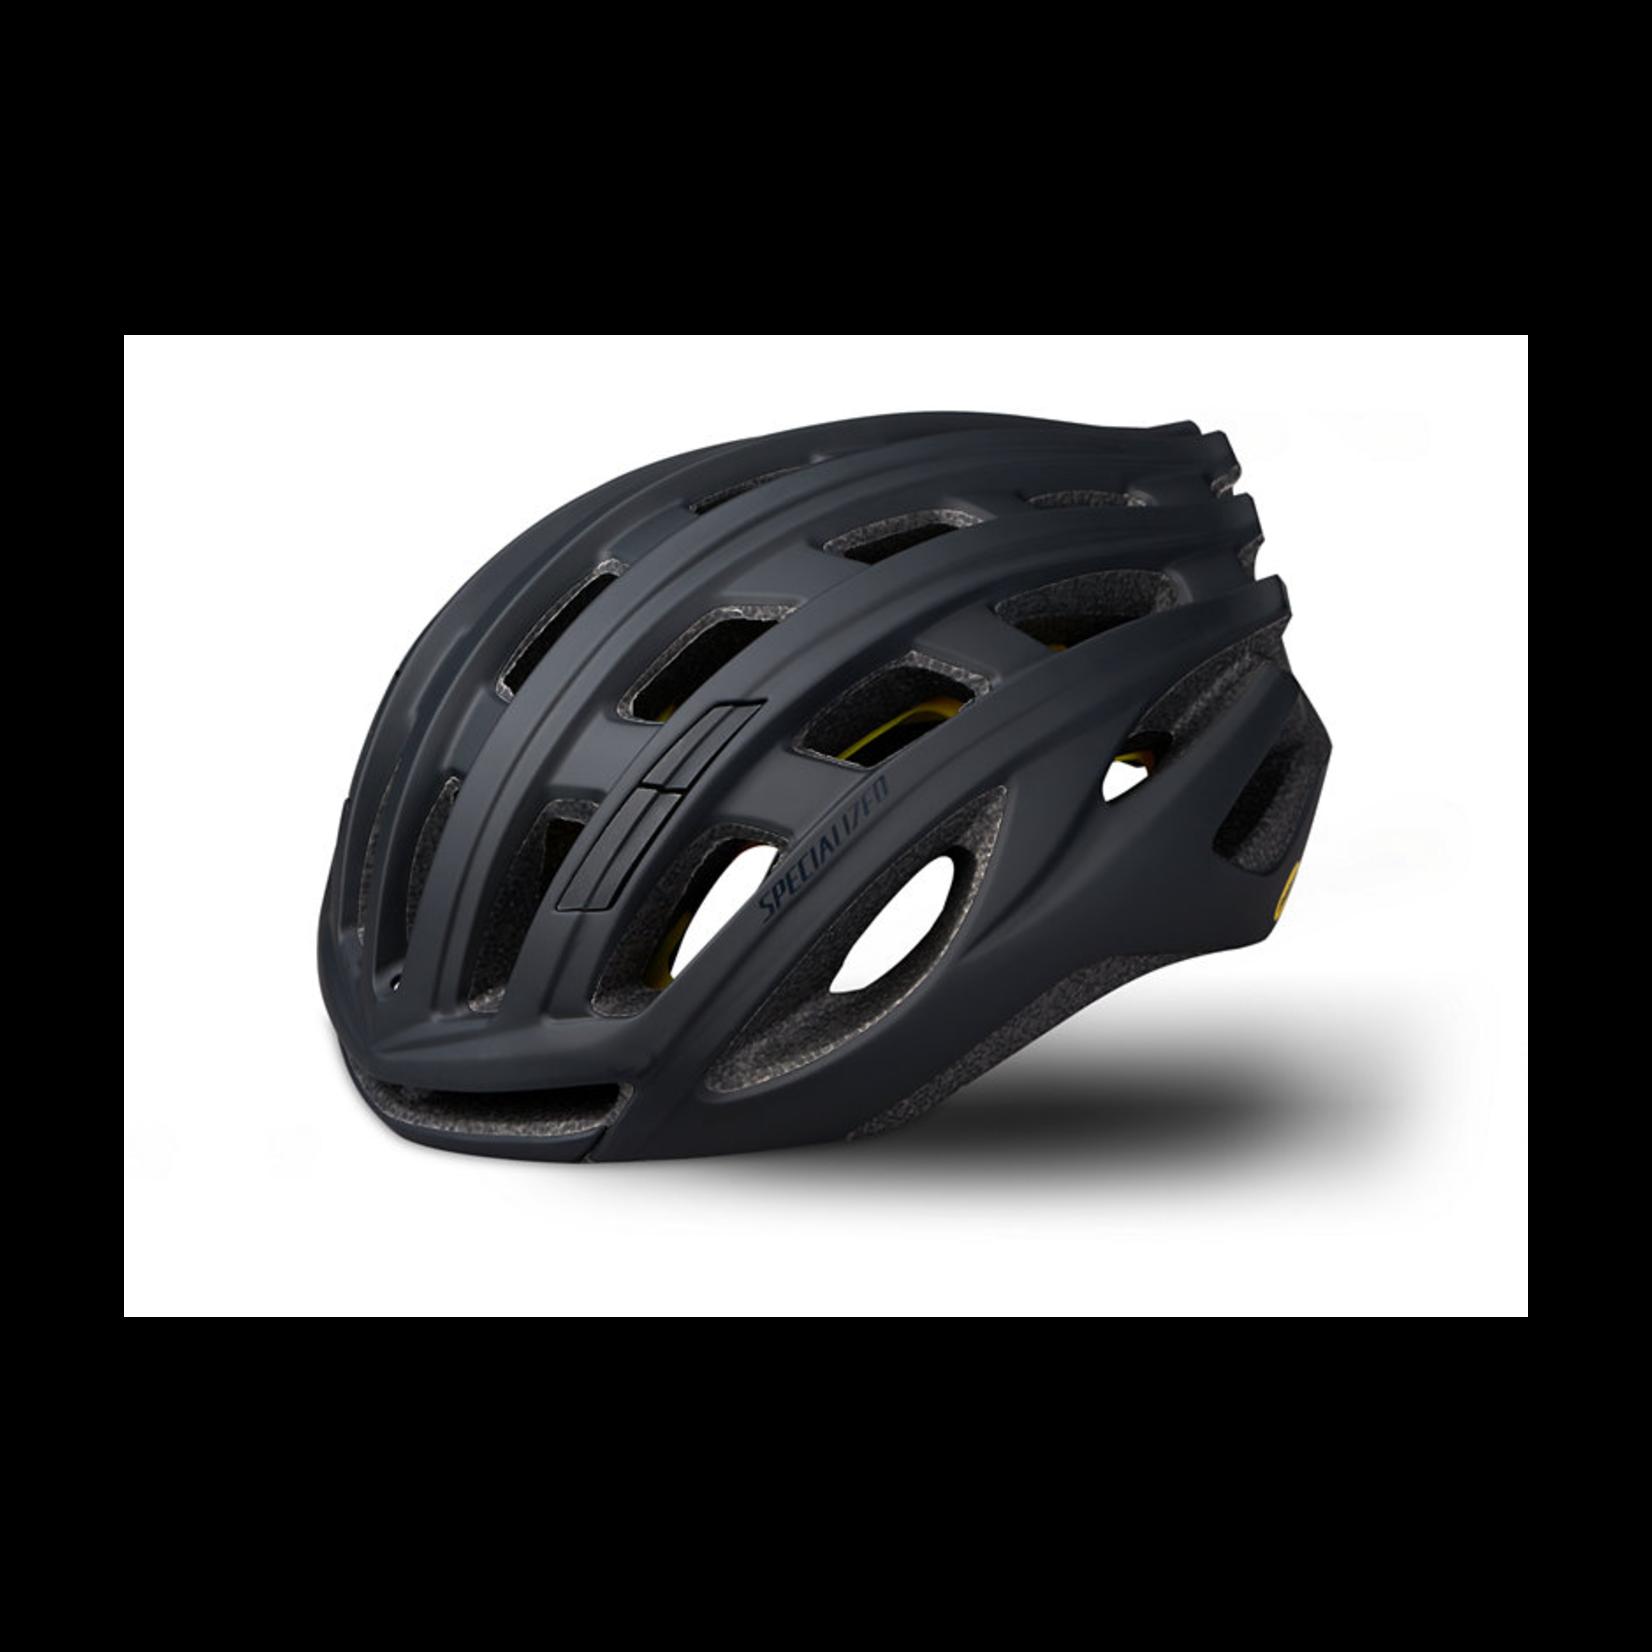 Specialized Specialized Propero 3 MIPS w/ ANGI Helmet